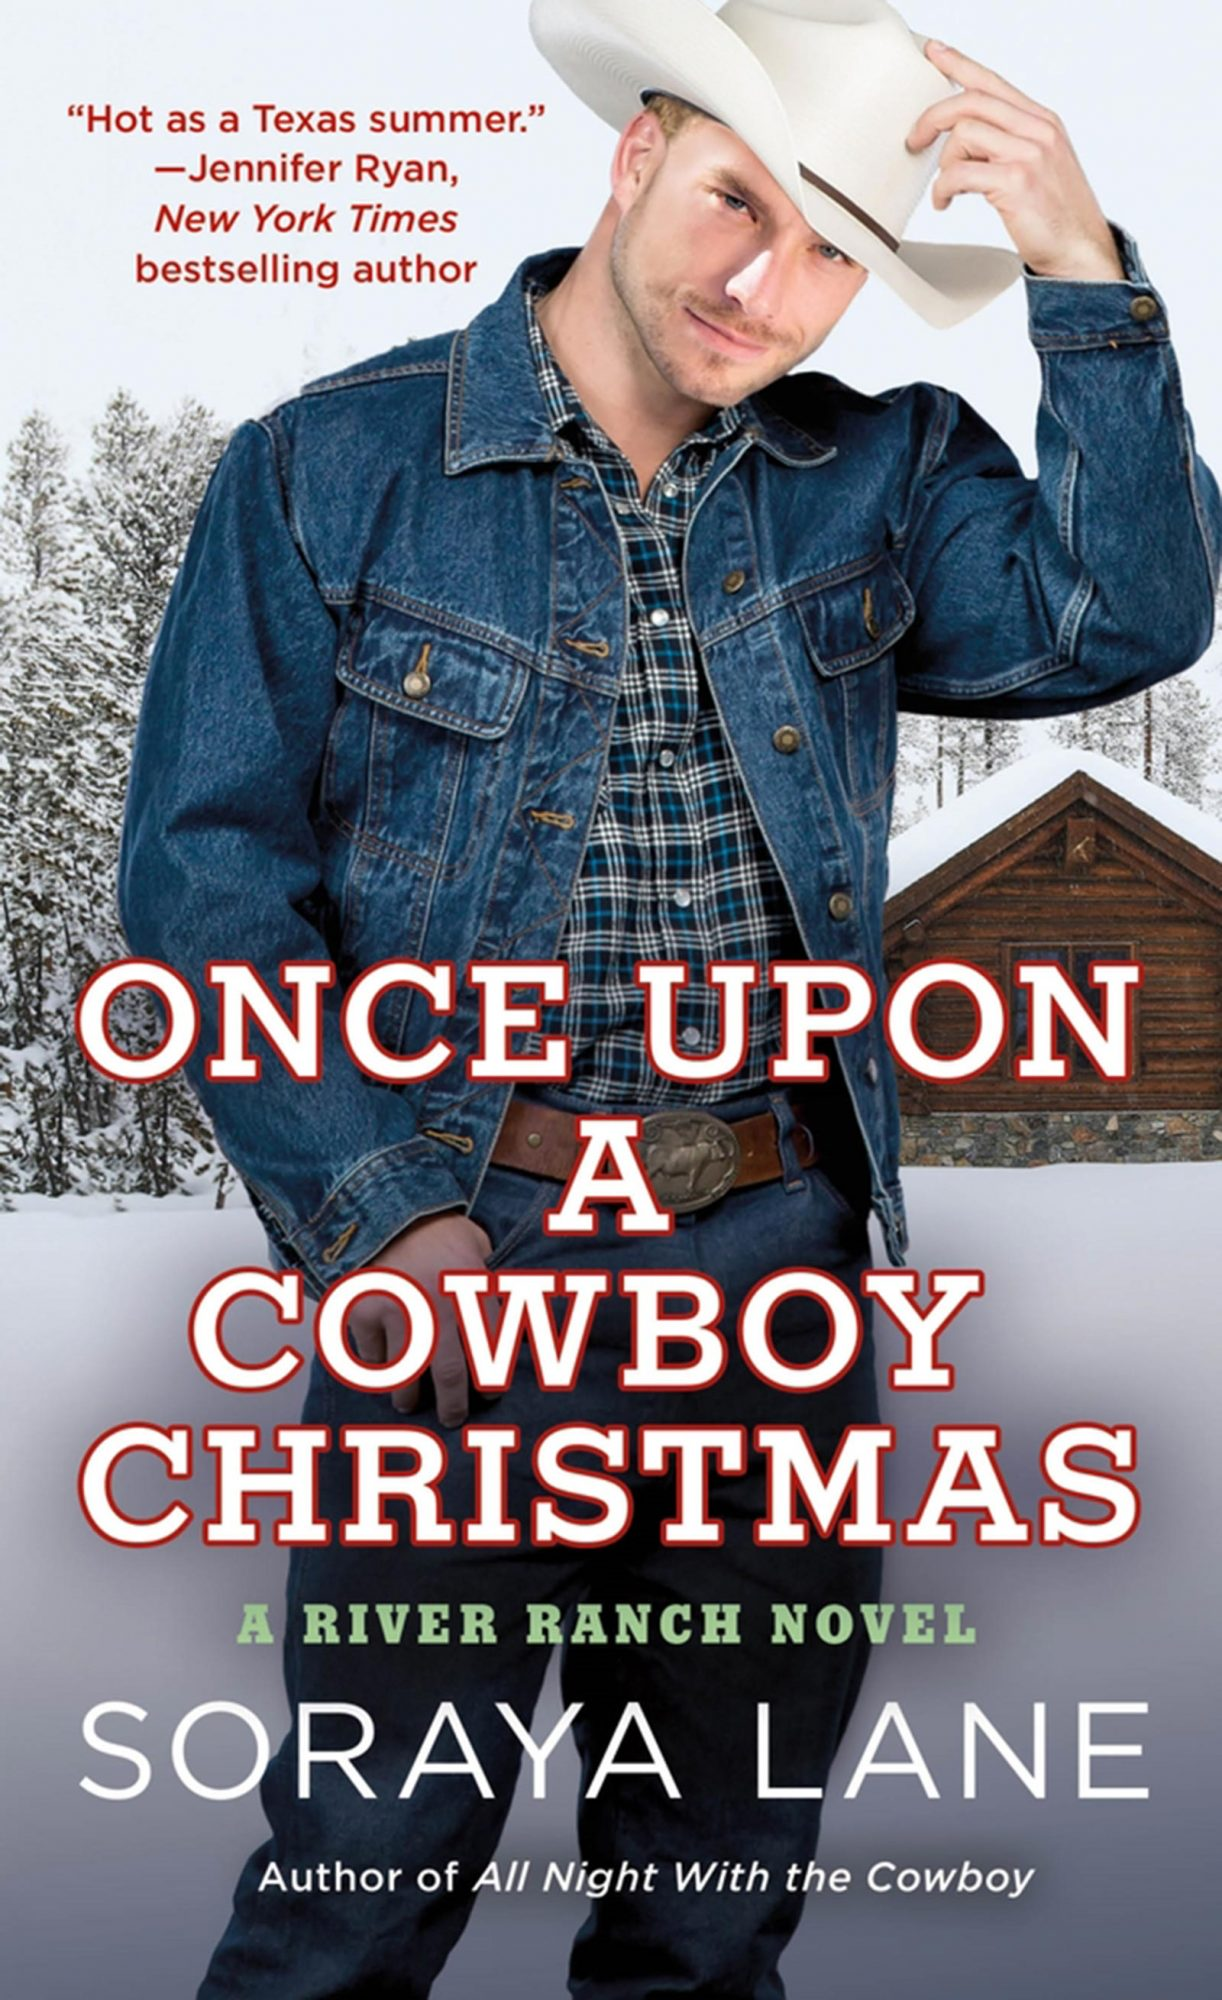 Once-Upon-A-Cowboy-Christmas